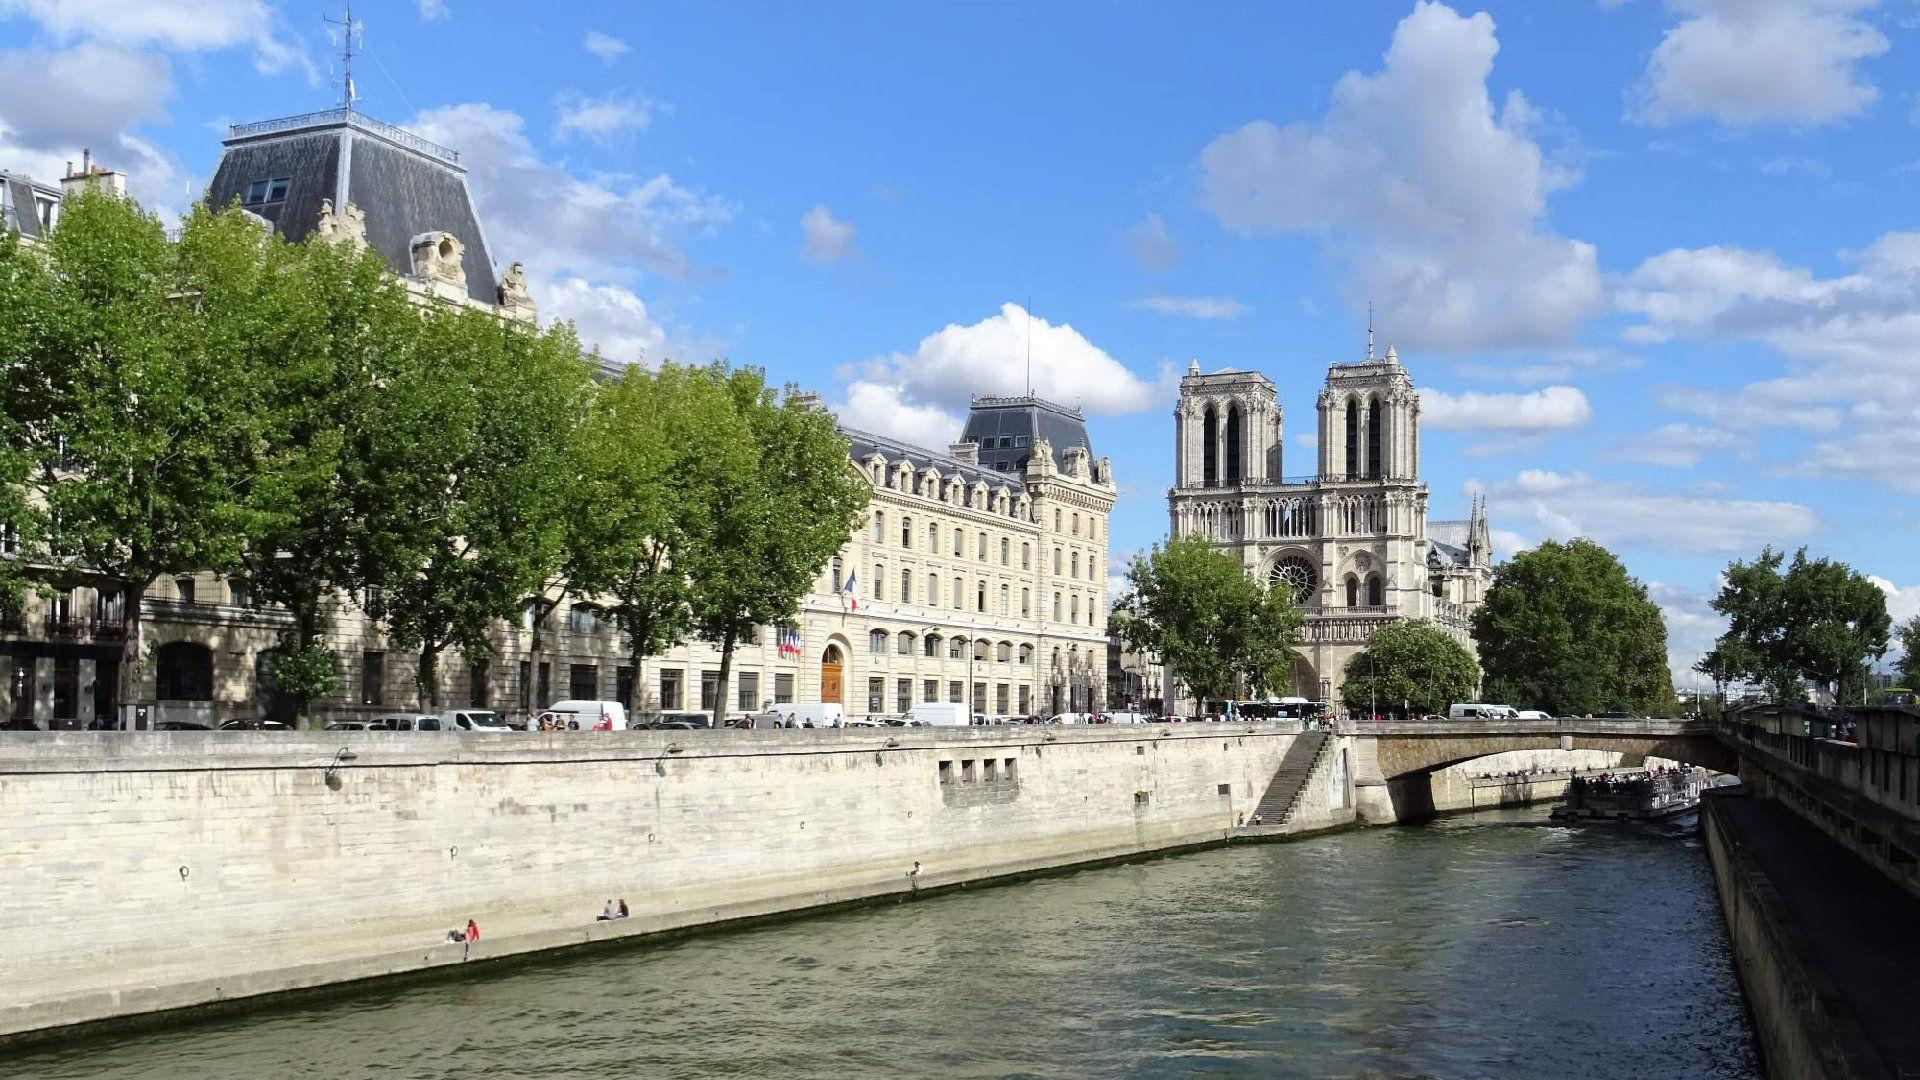 Chrám Matky Boží v Paříži - Katedrála Notre Dame